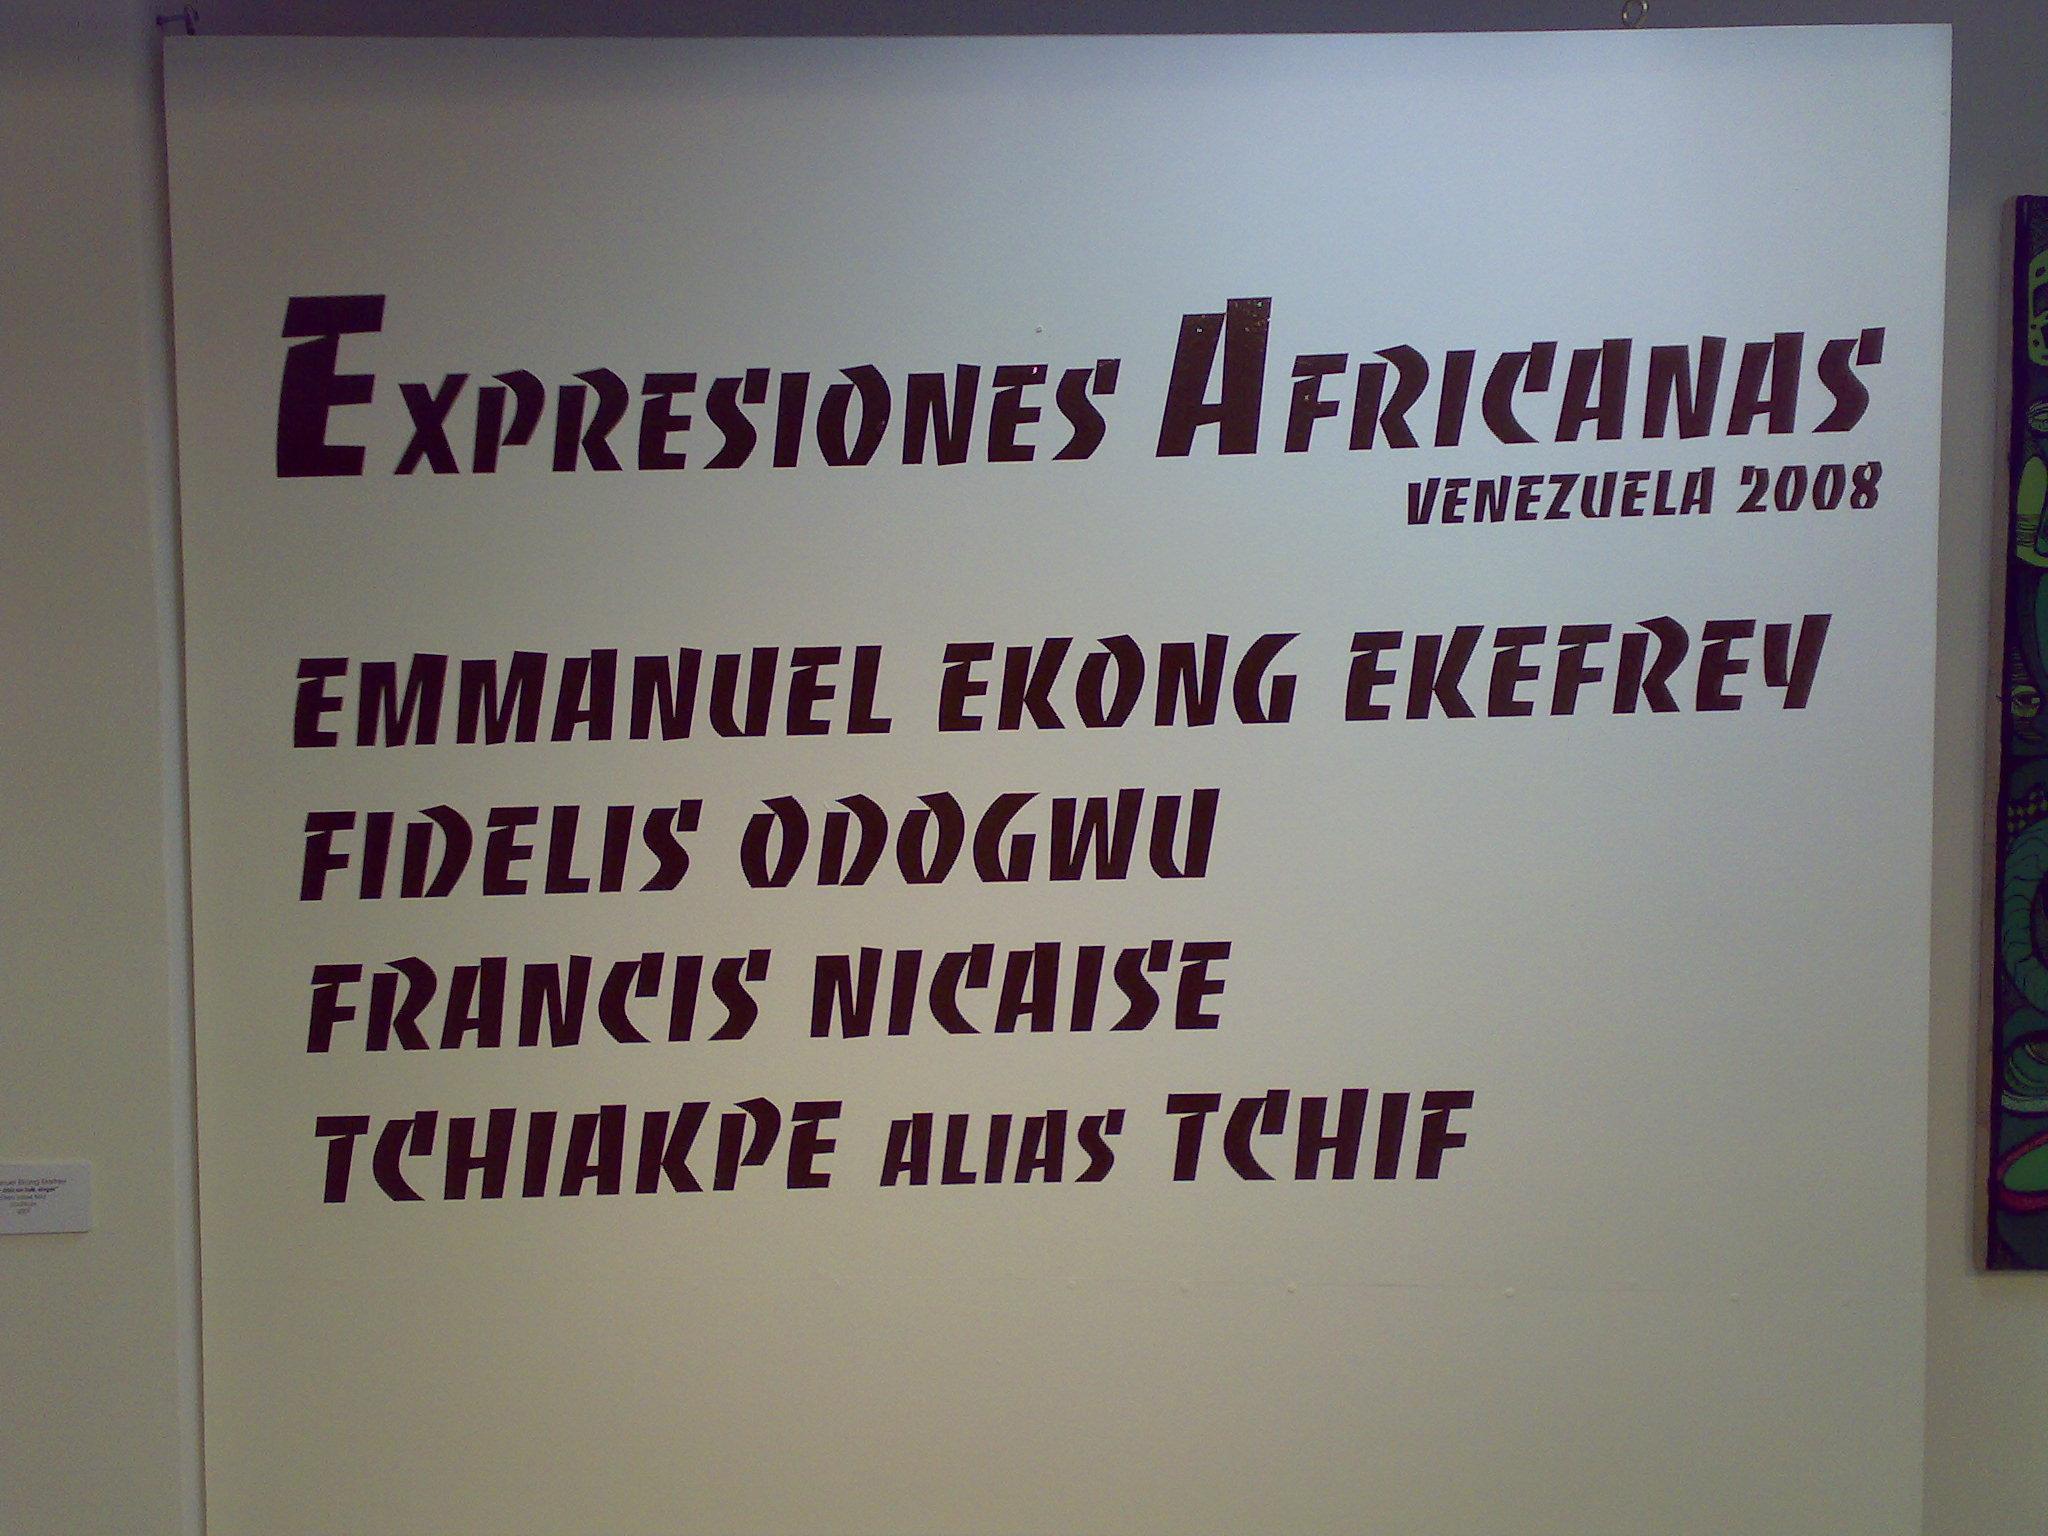 Exposicion Expresiones Africanas